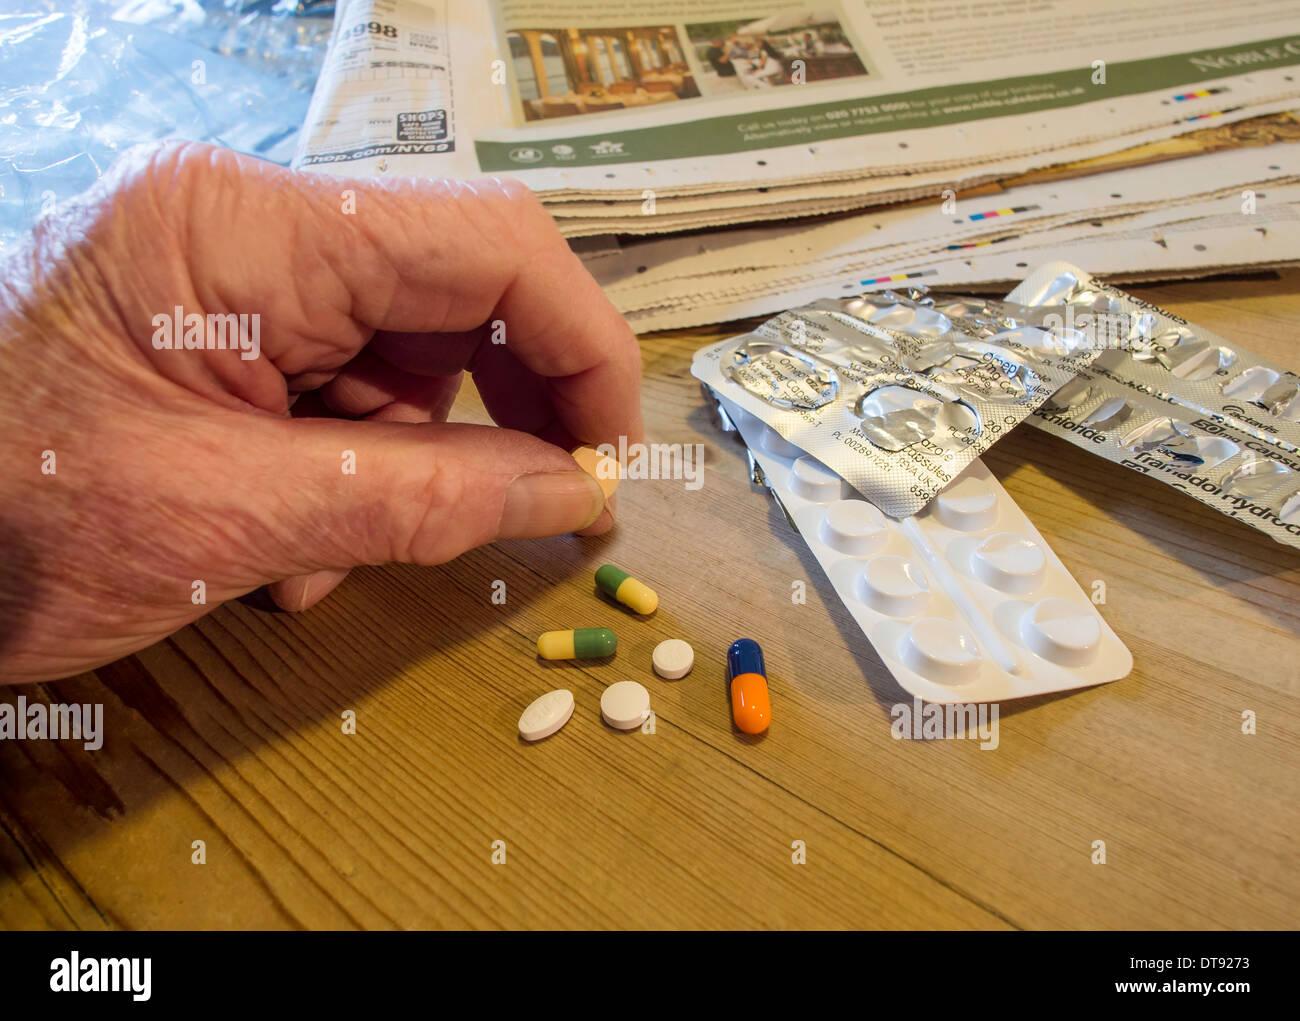 La main de l'homme âgée avec sélection de comprimés, comprimés et gélules. Dose quotidienne de médicaments. Photo Stock